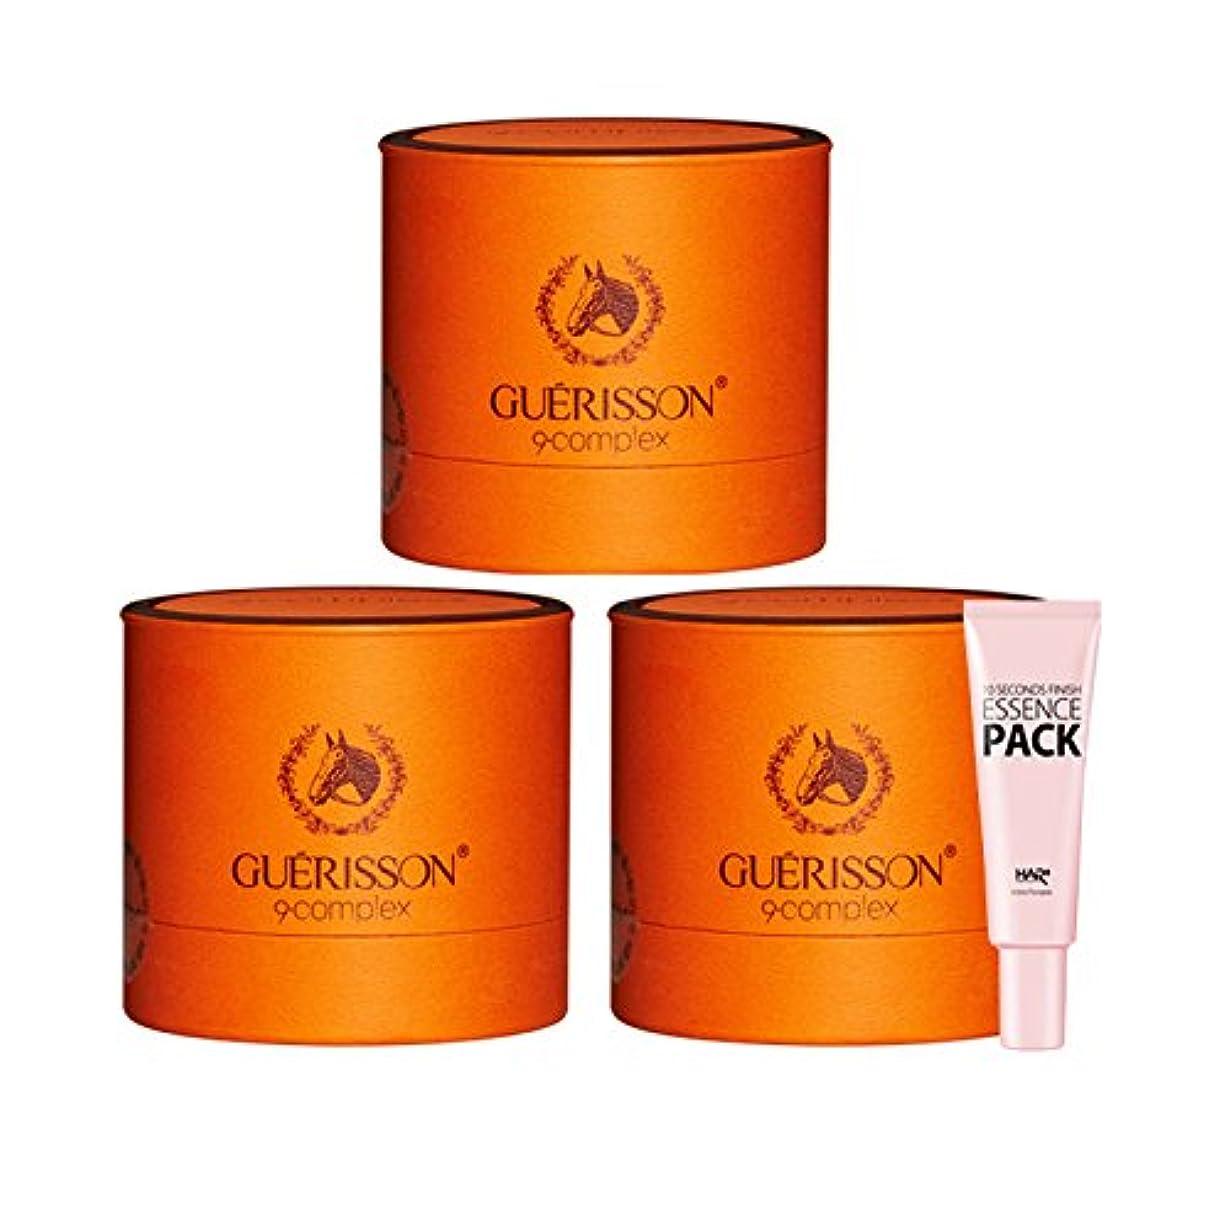 十代の若者たち批判的予測GUERISSON ゲリソン 9?complex 馬油クリーム 70g x 3個 (9 Complex Moisturizing Scar Cream Horse Oil Wrinkle Care) +ヘアプラスエッセンスパック...